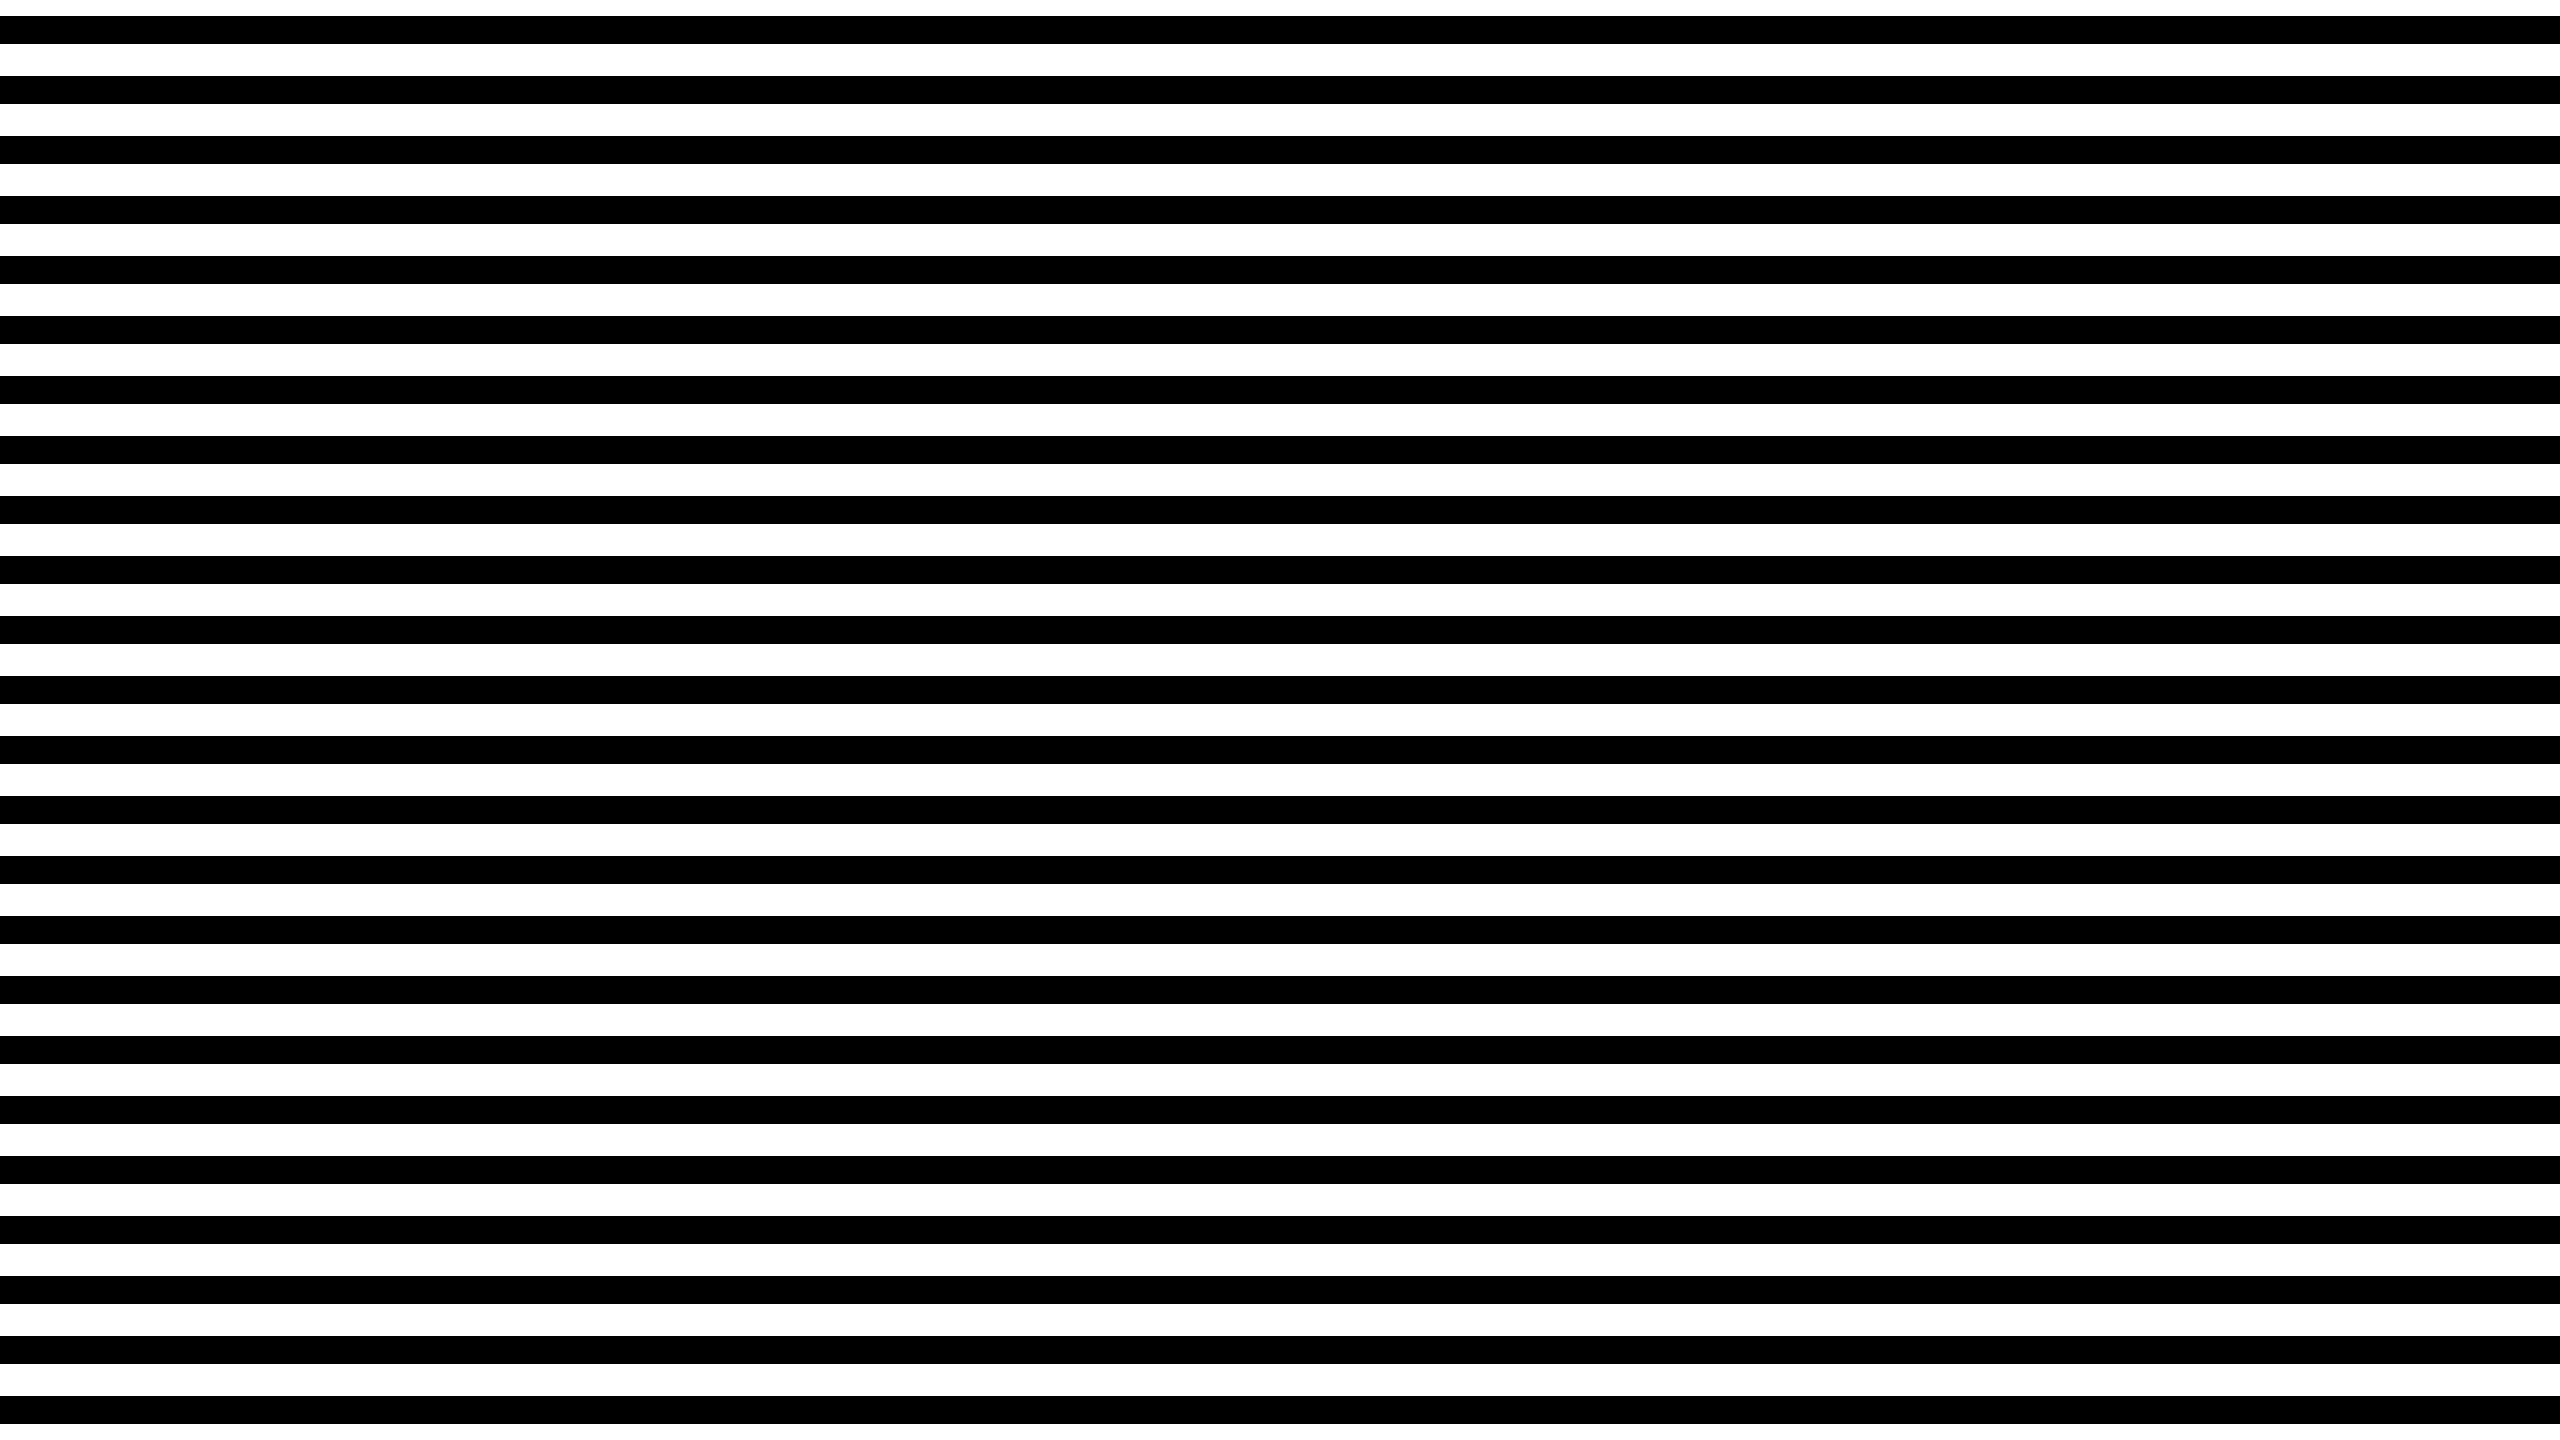 3D Stripes